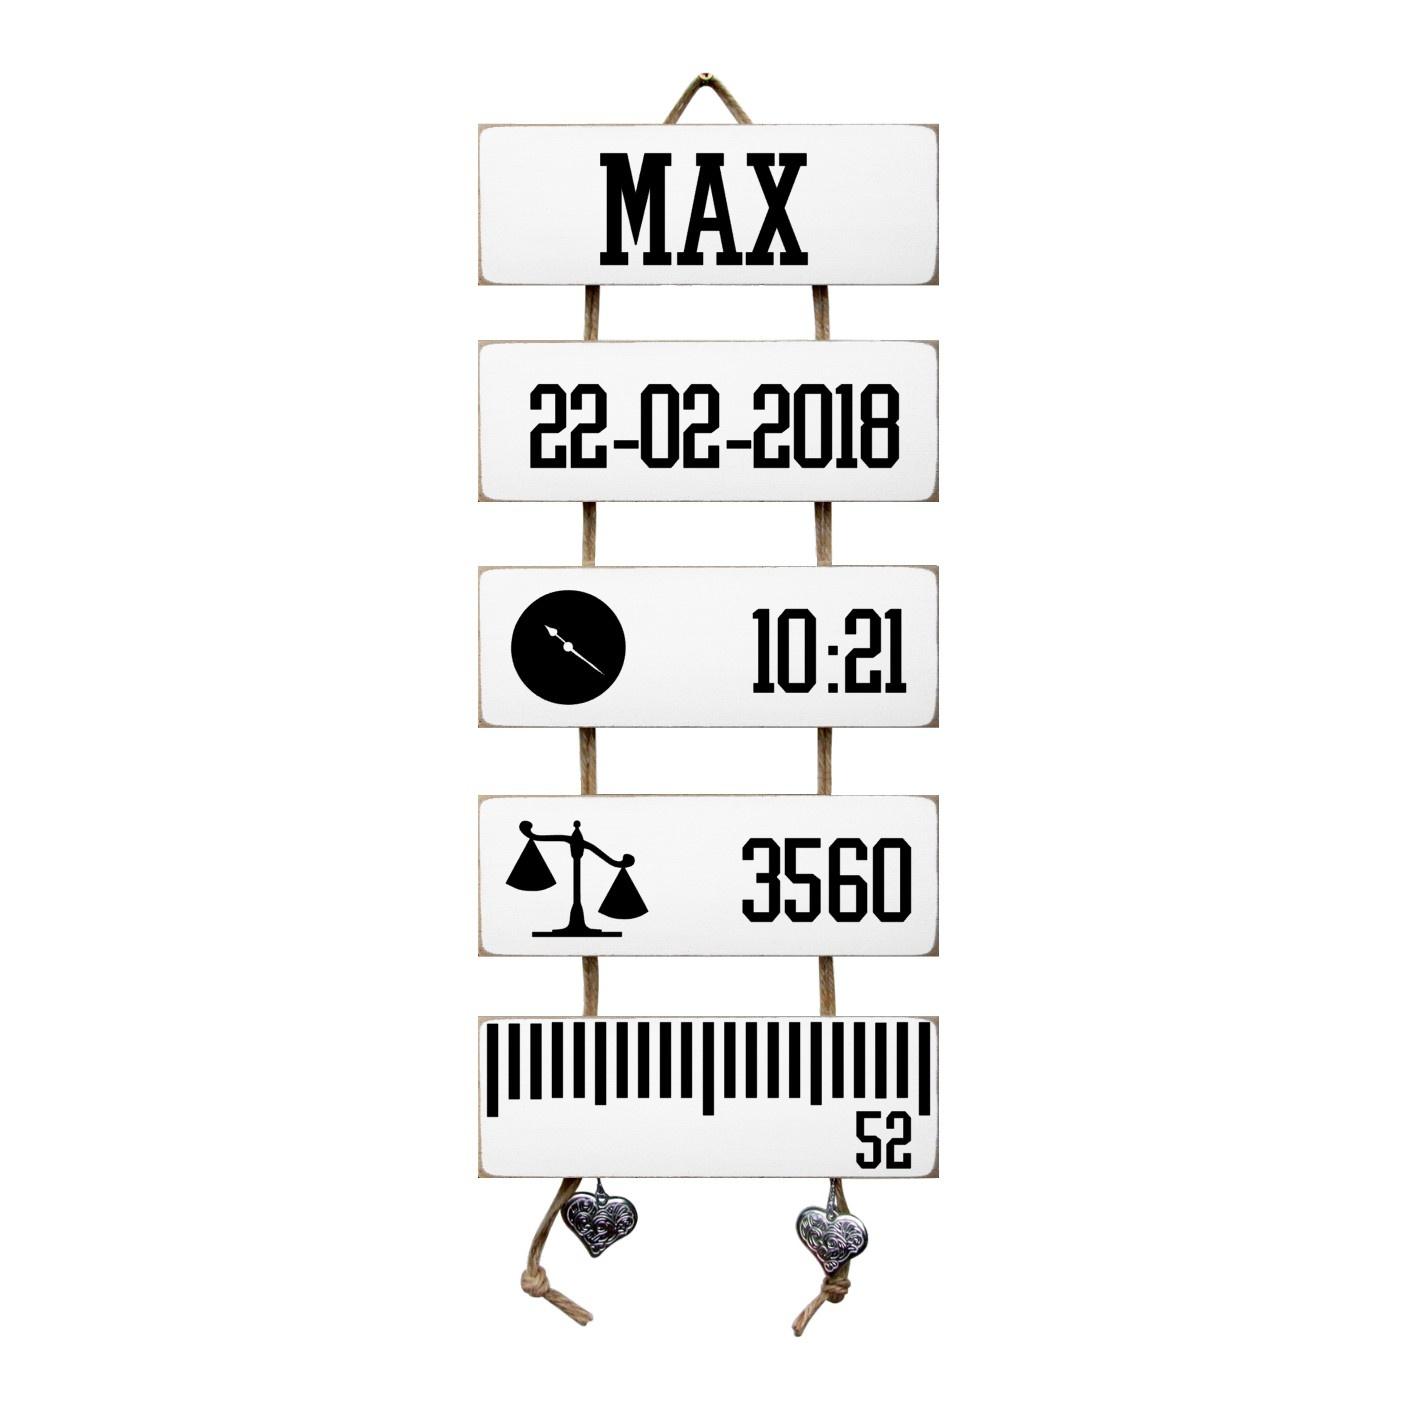 Kraamcadeau Geboorteladder Max wit